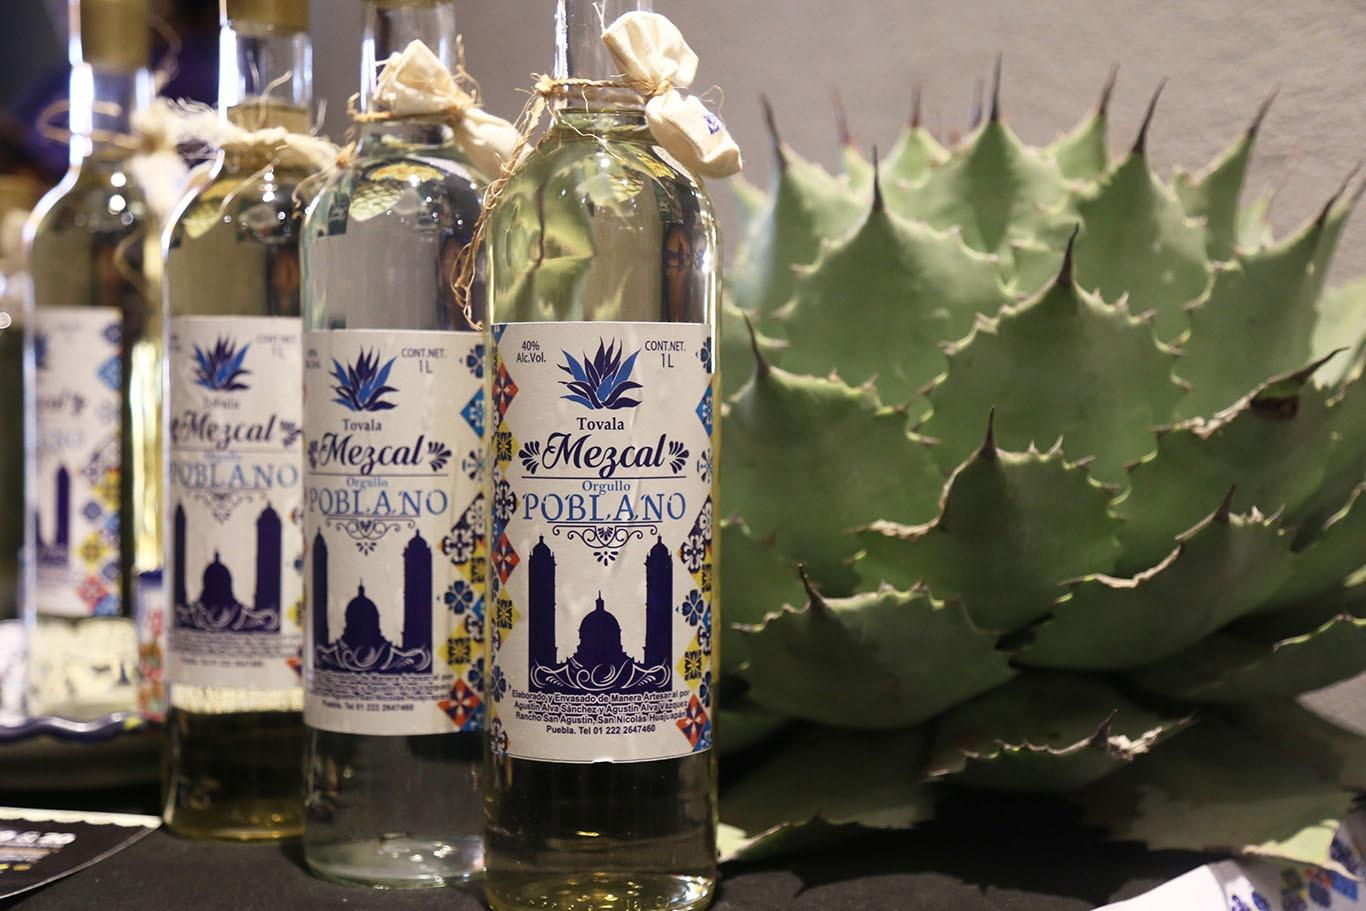 Botellas de mezcal poblano siendo exhibidas en una feria de mezcal